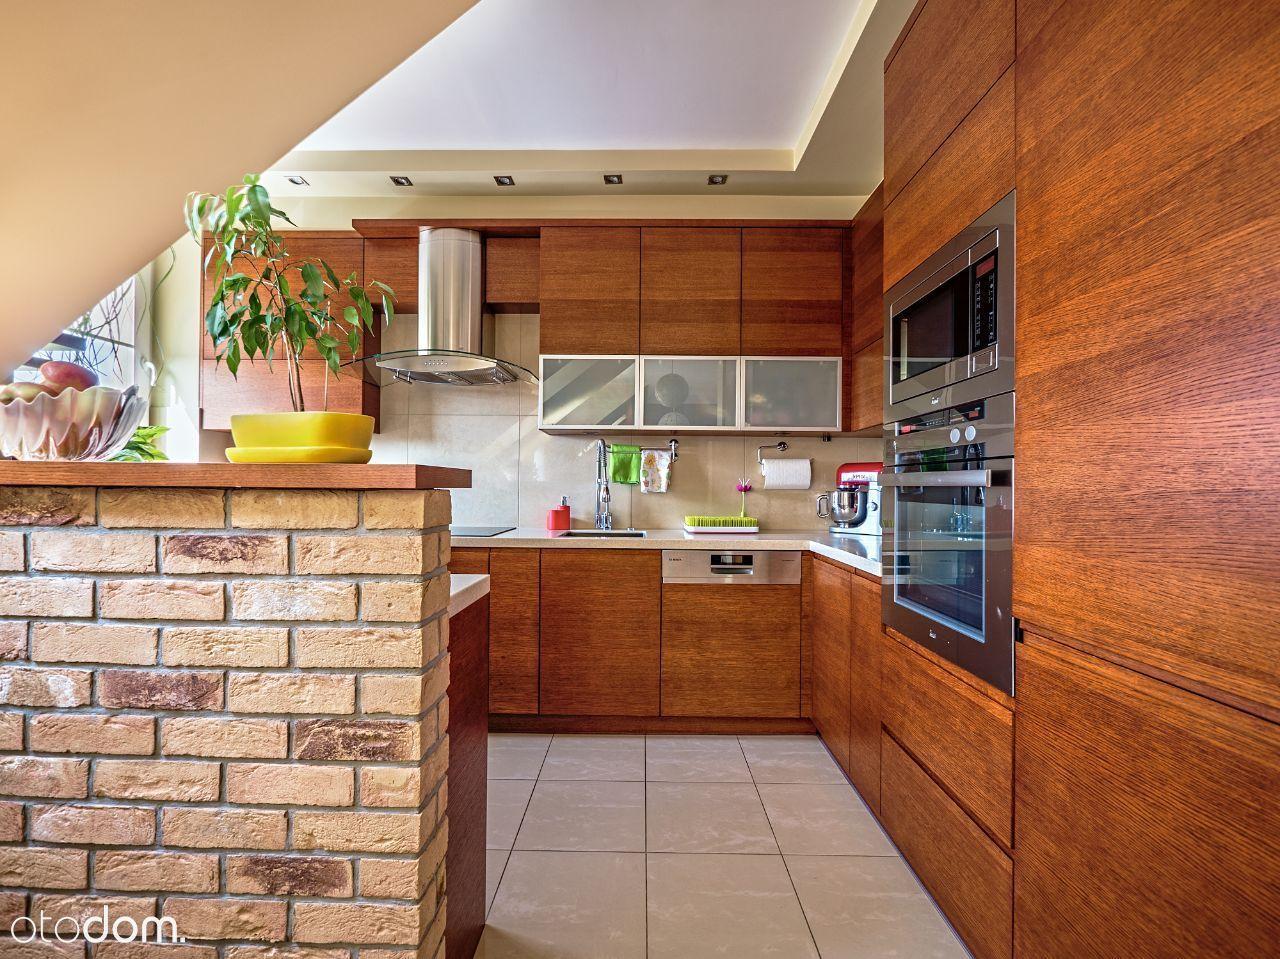 Mieszkanie 120m-Klimatyzacja+Garaż Dwustanowiskowy